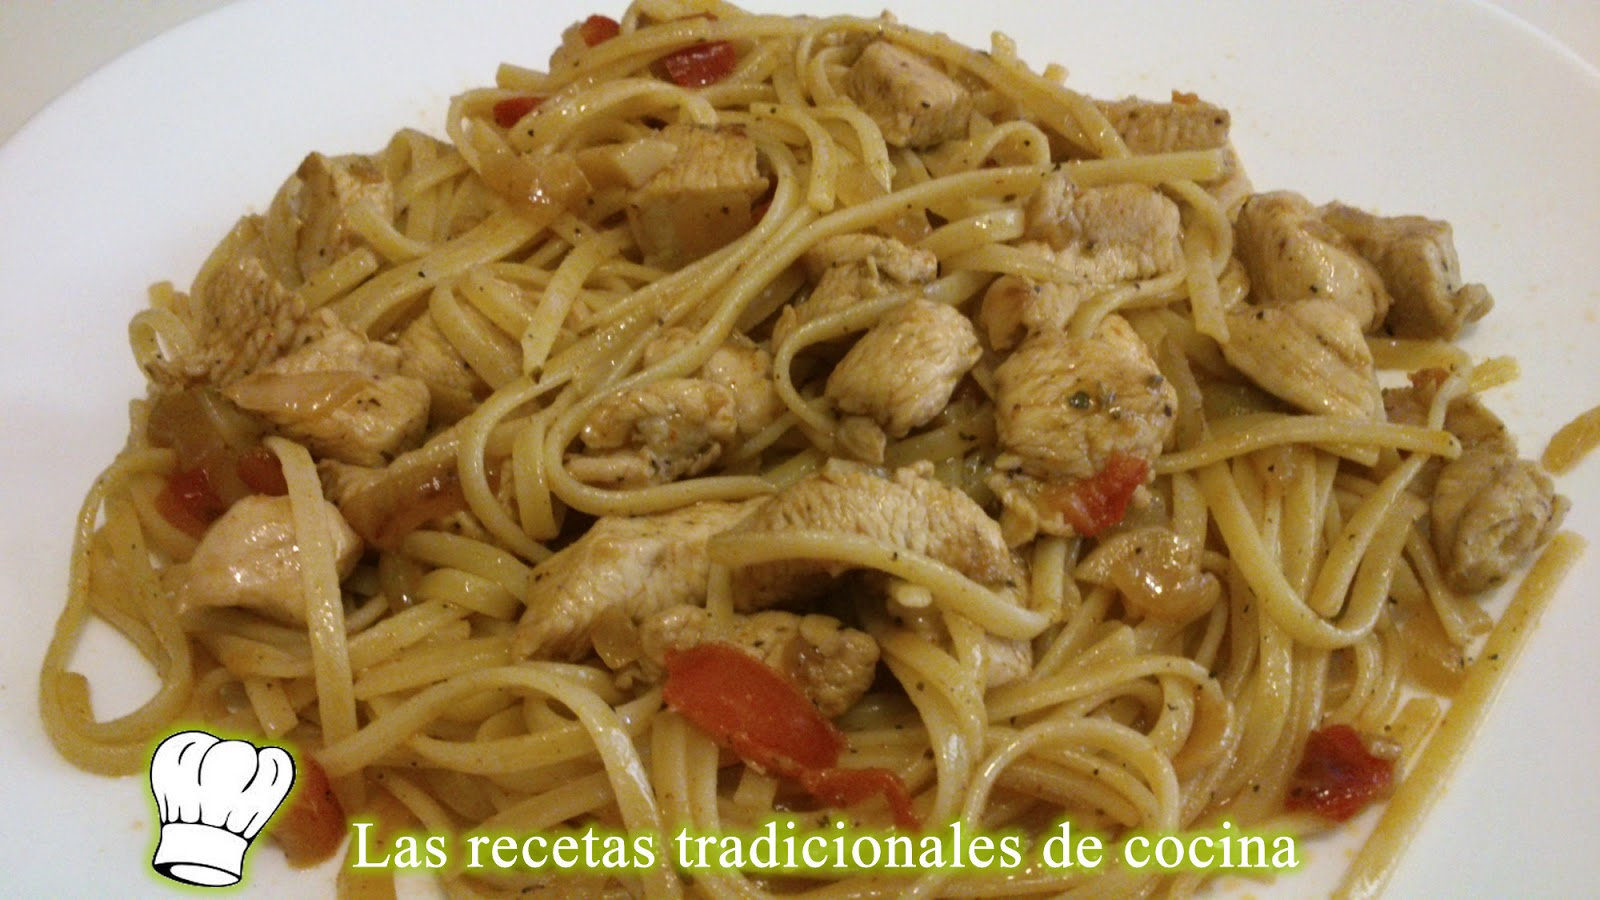 receta de tallarines o espaguetis con pollo recetas de